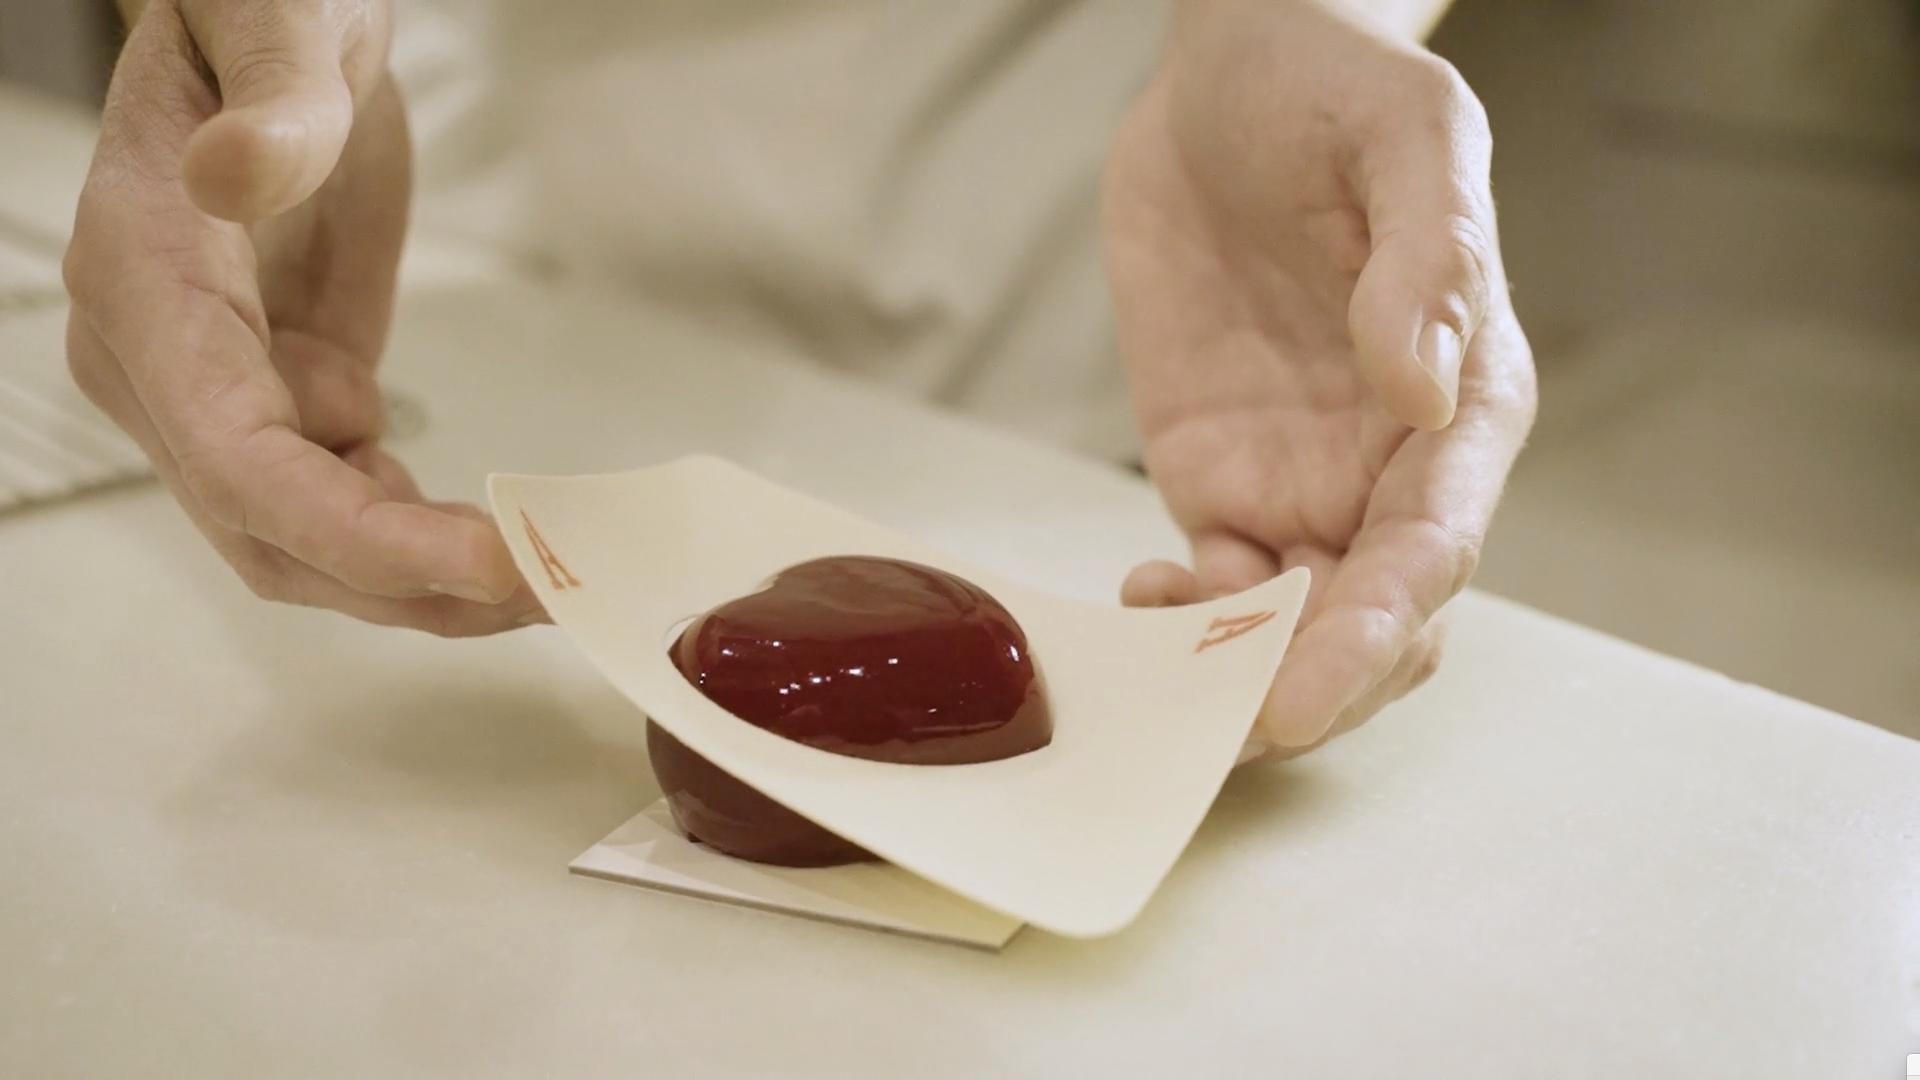 Hoffmann Valentine's Day by videographer Beatriz Janer | 8AM artist management